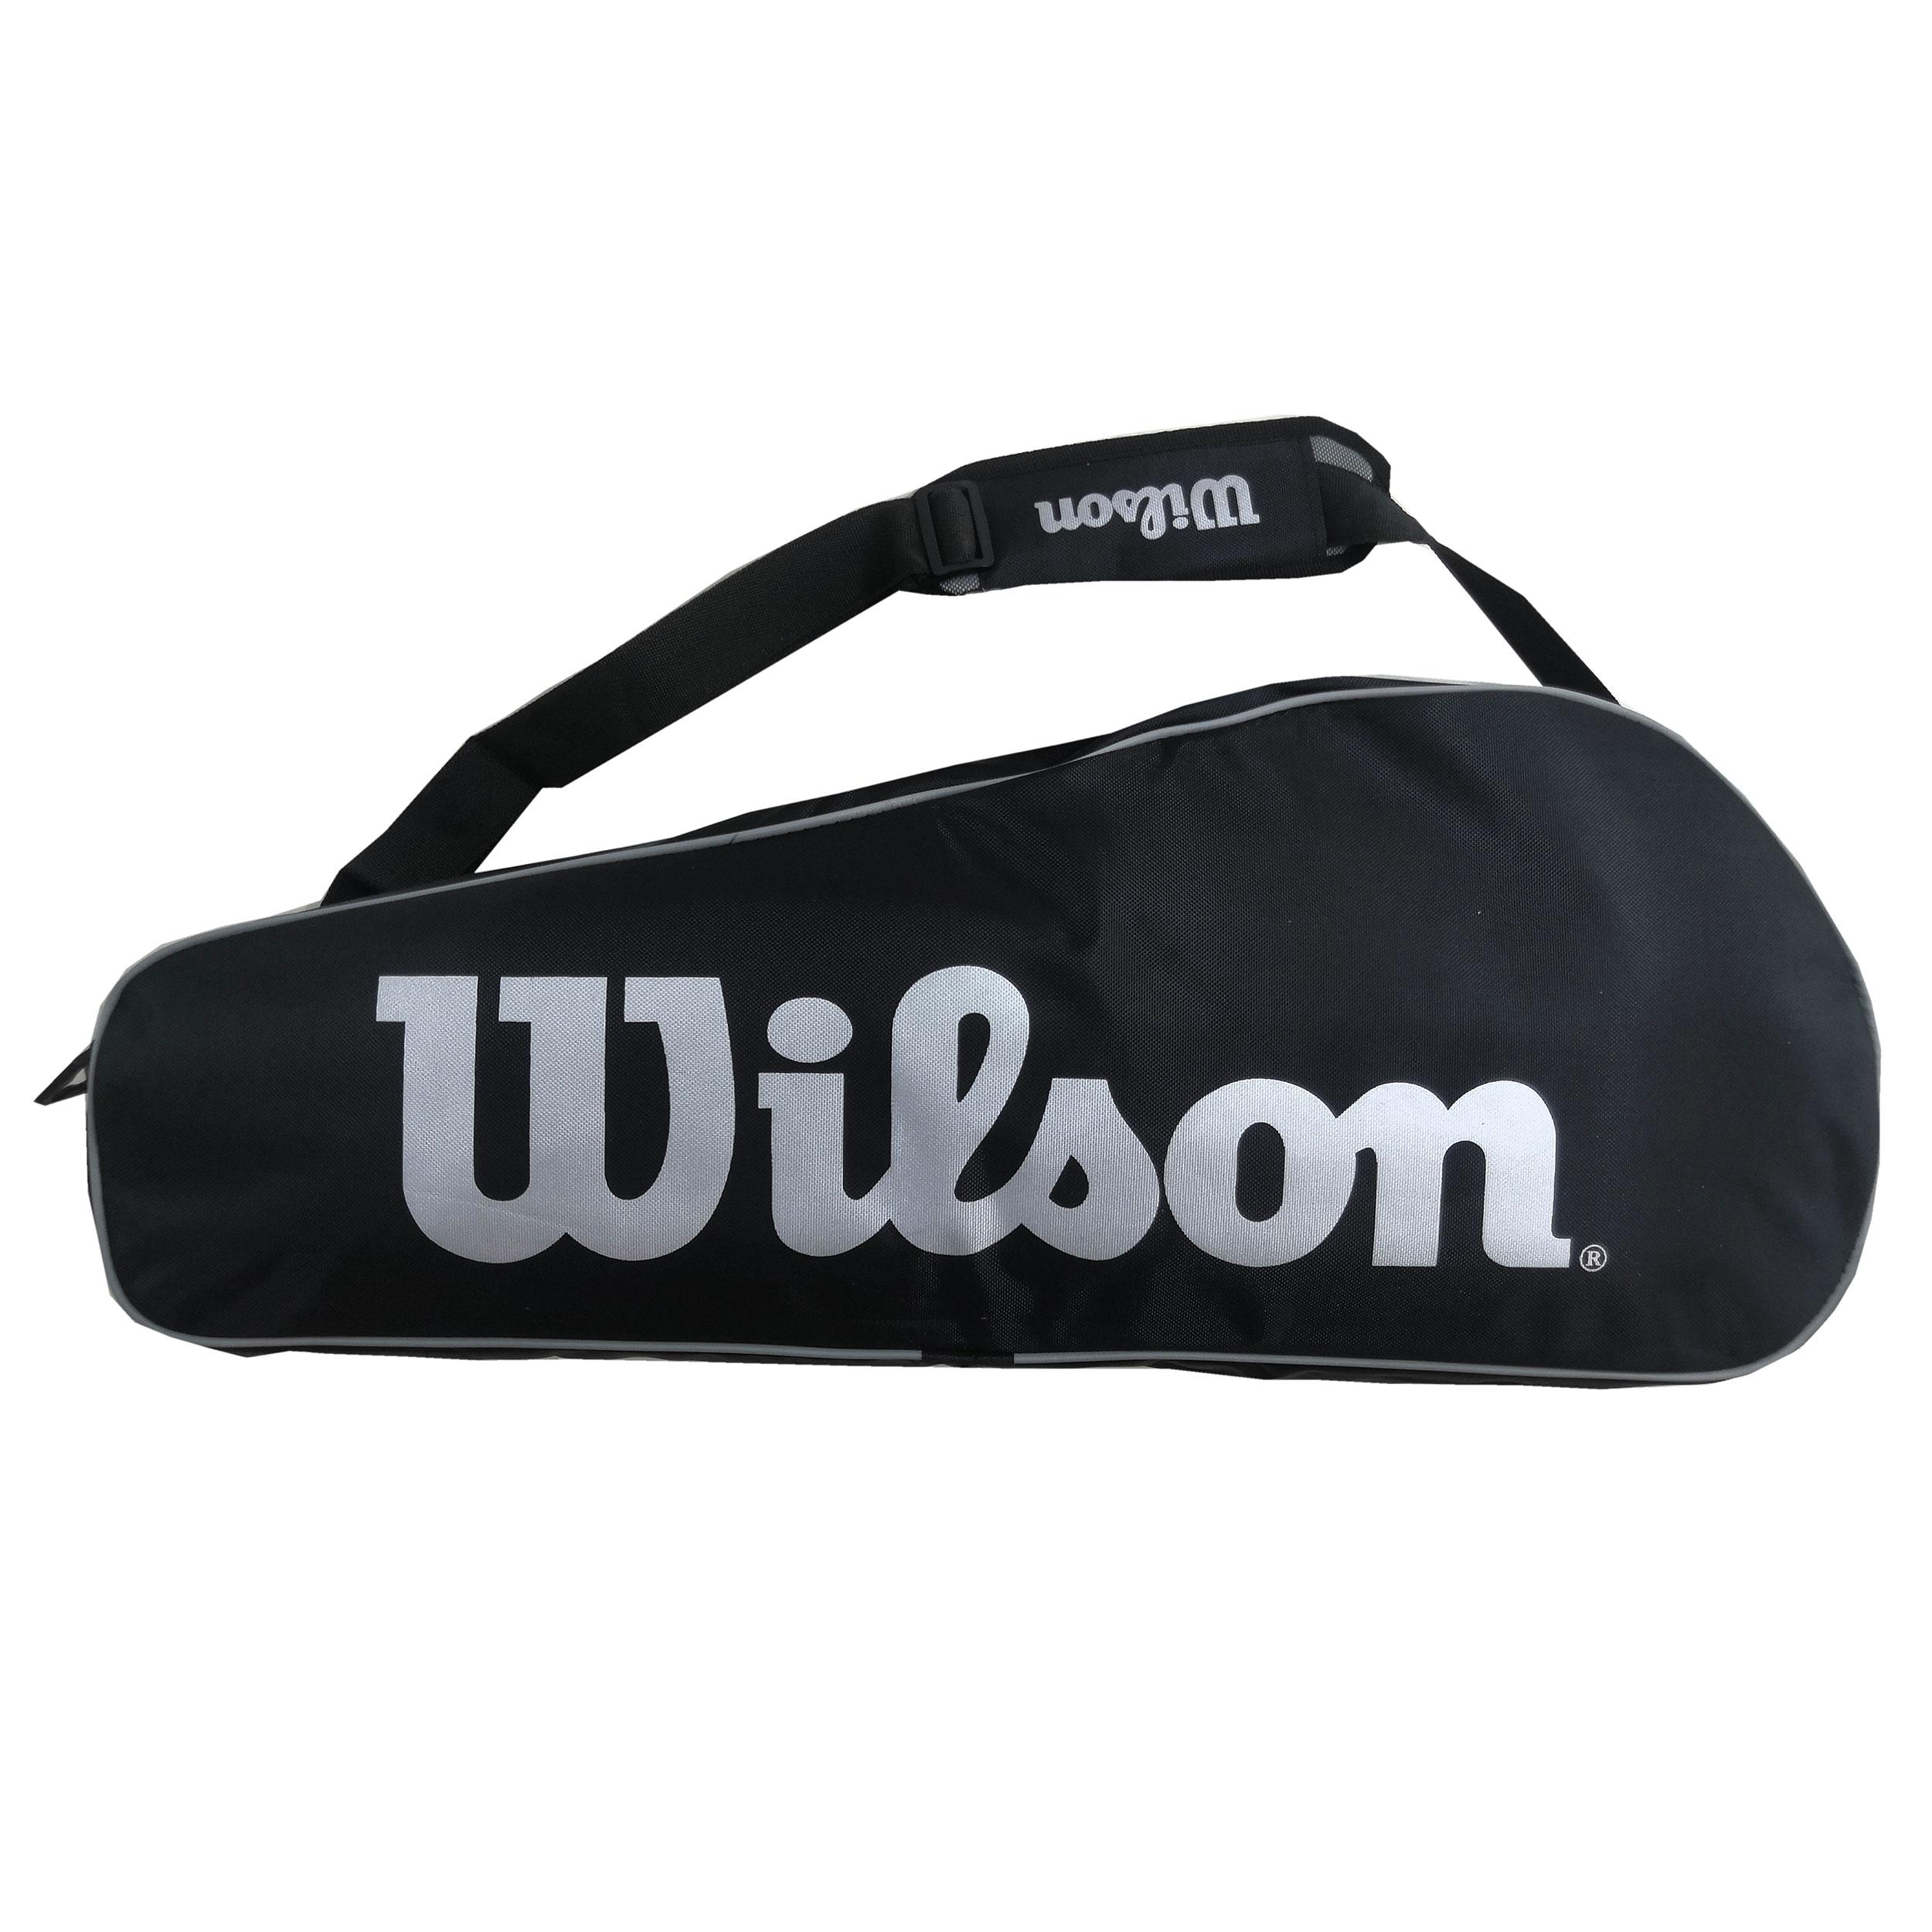 کیف راکت تنیس ویلسون مدل وندیا main 1 1